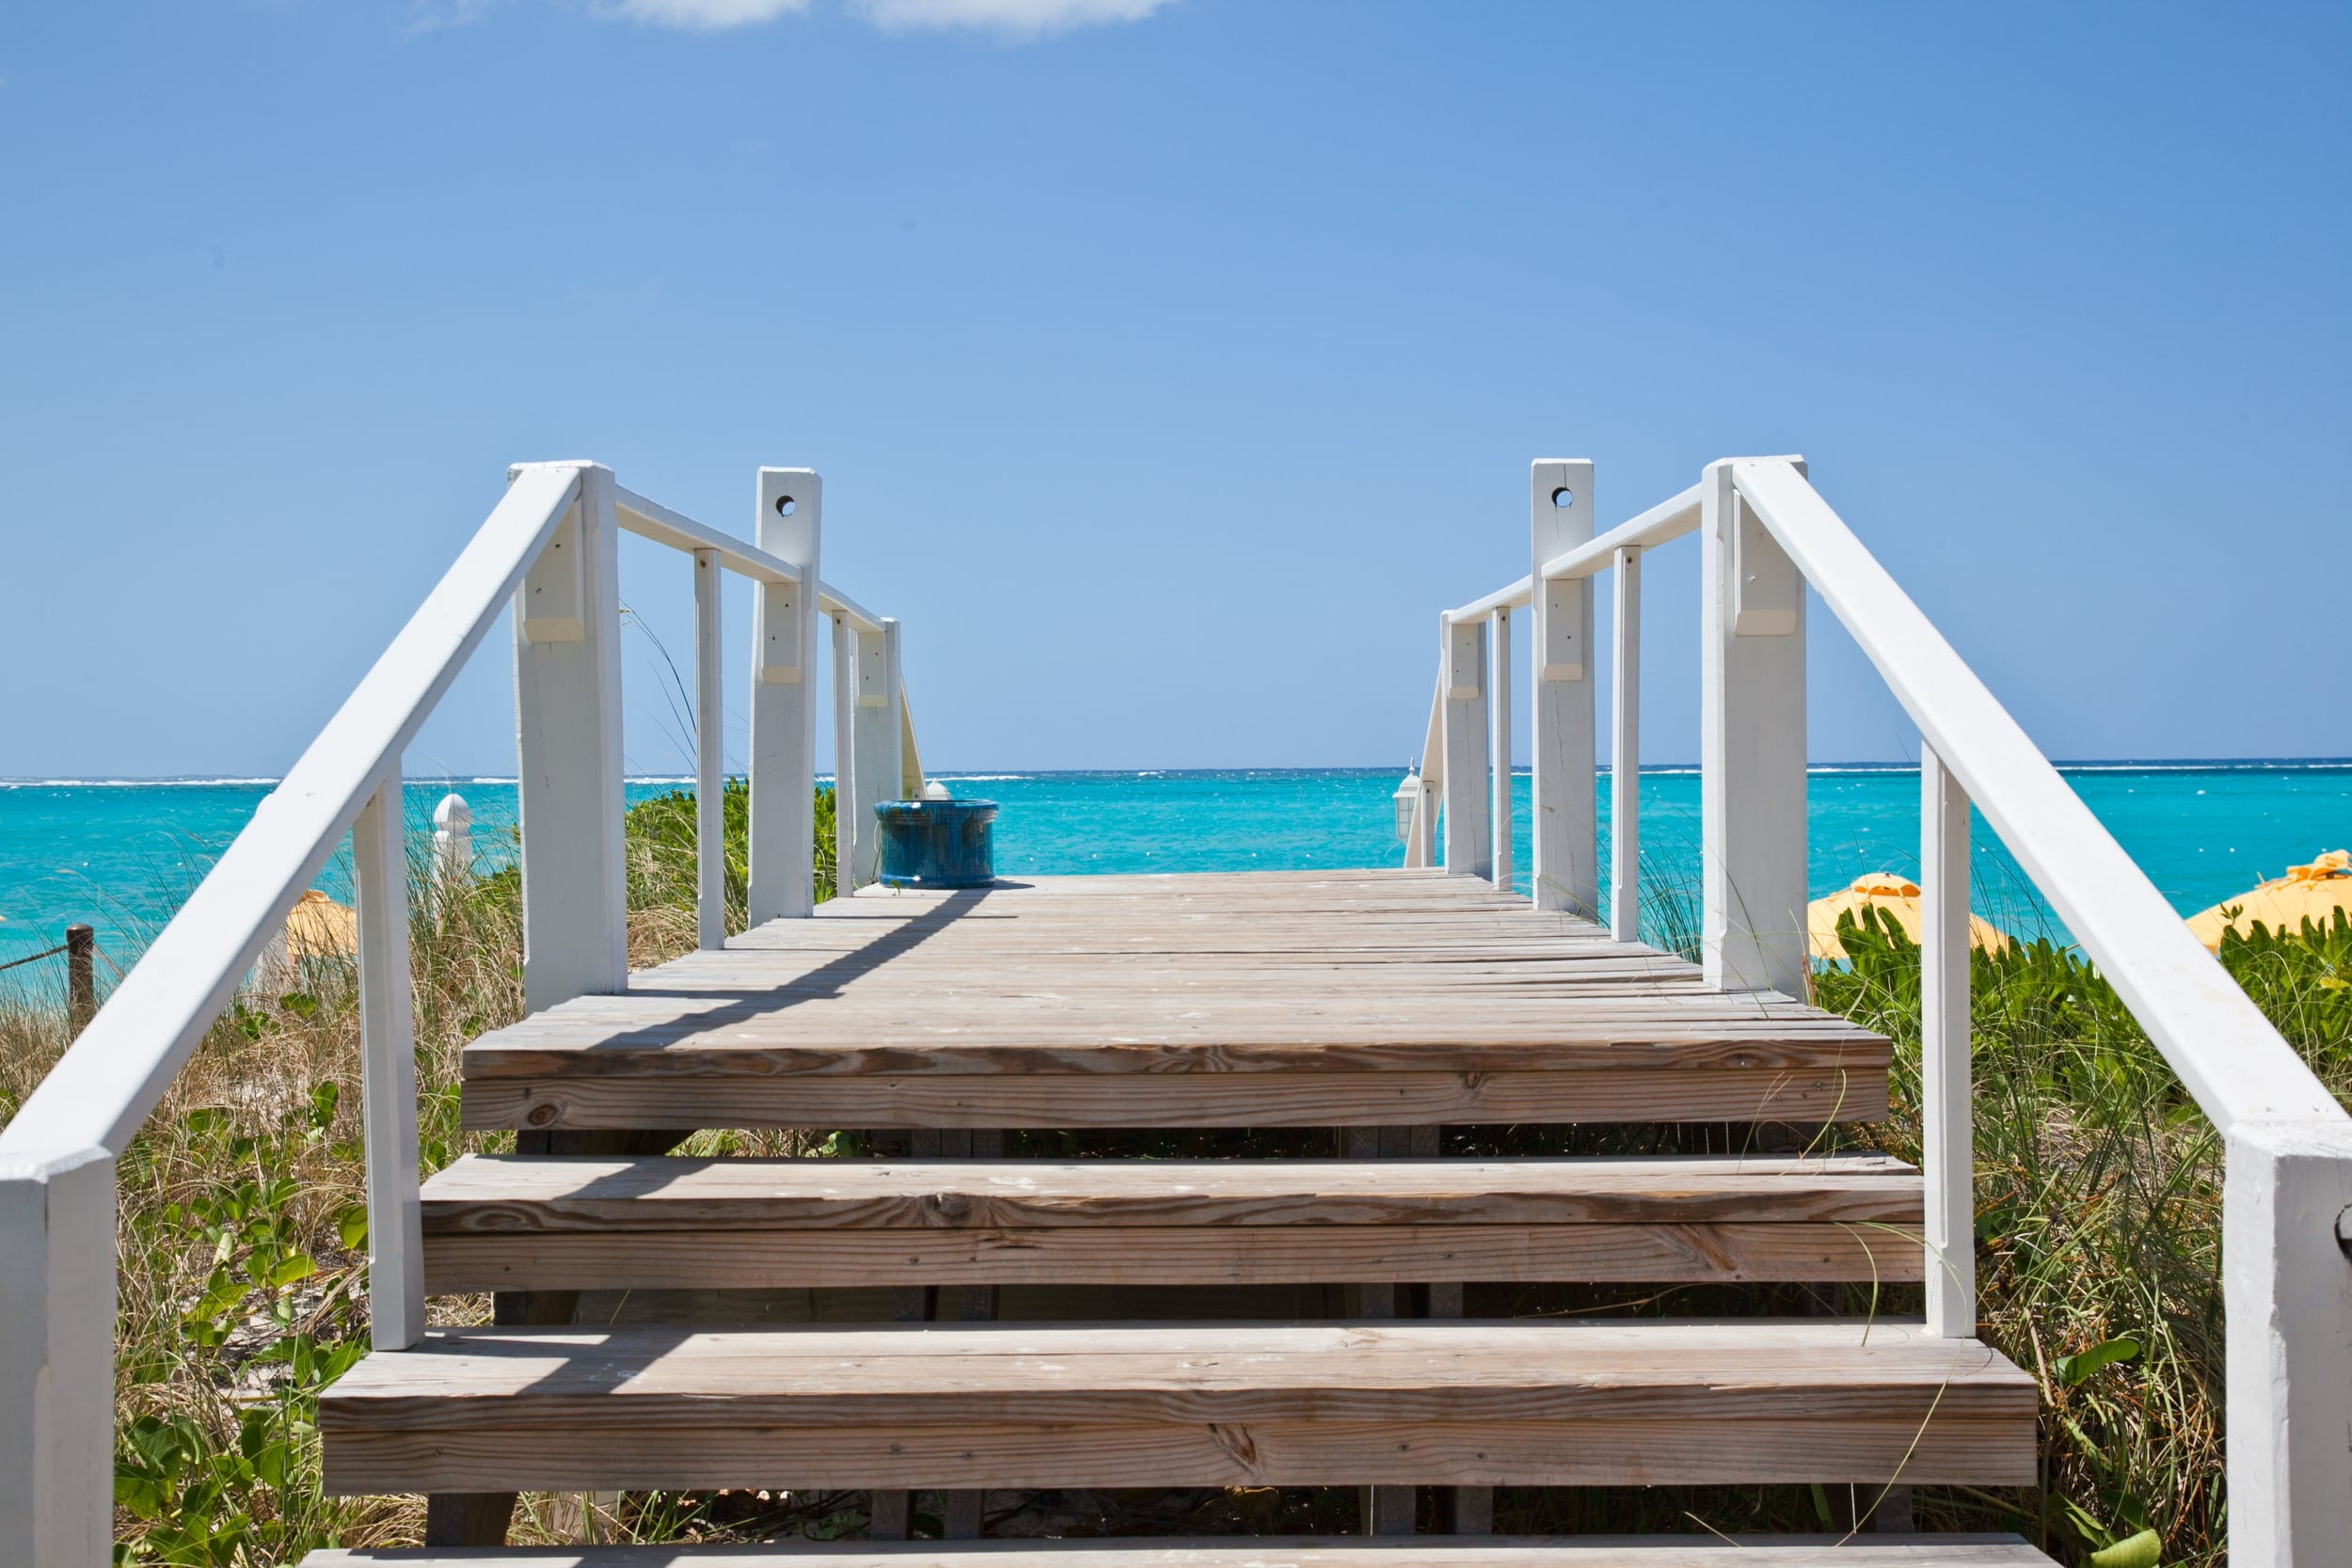 trisa-taro-beach-stairs-turks and caicos.jpg